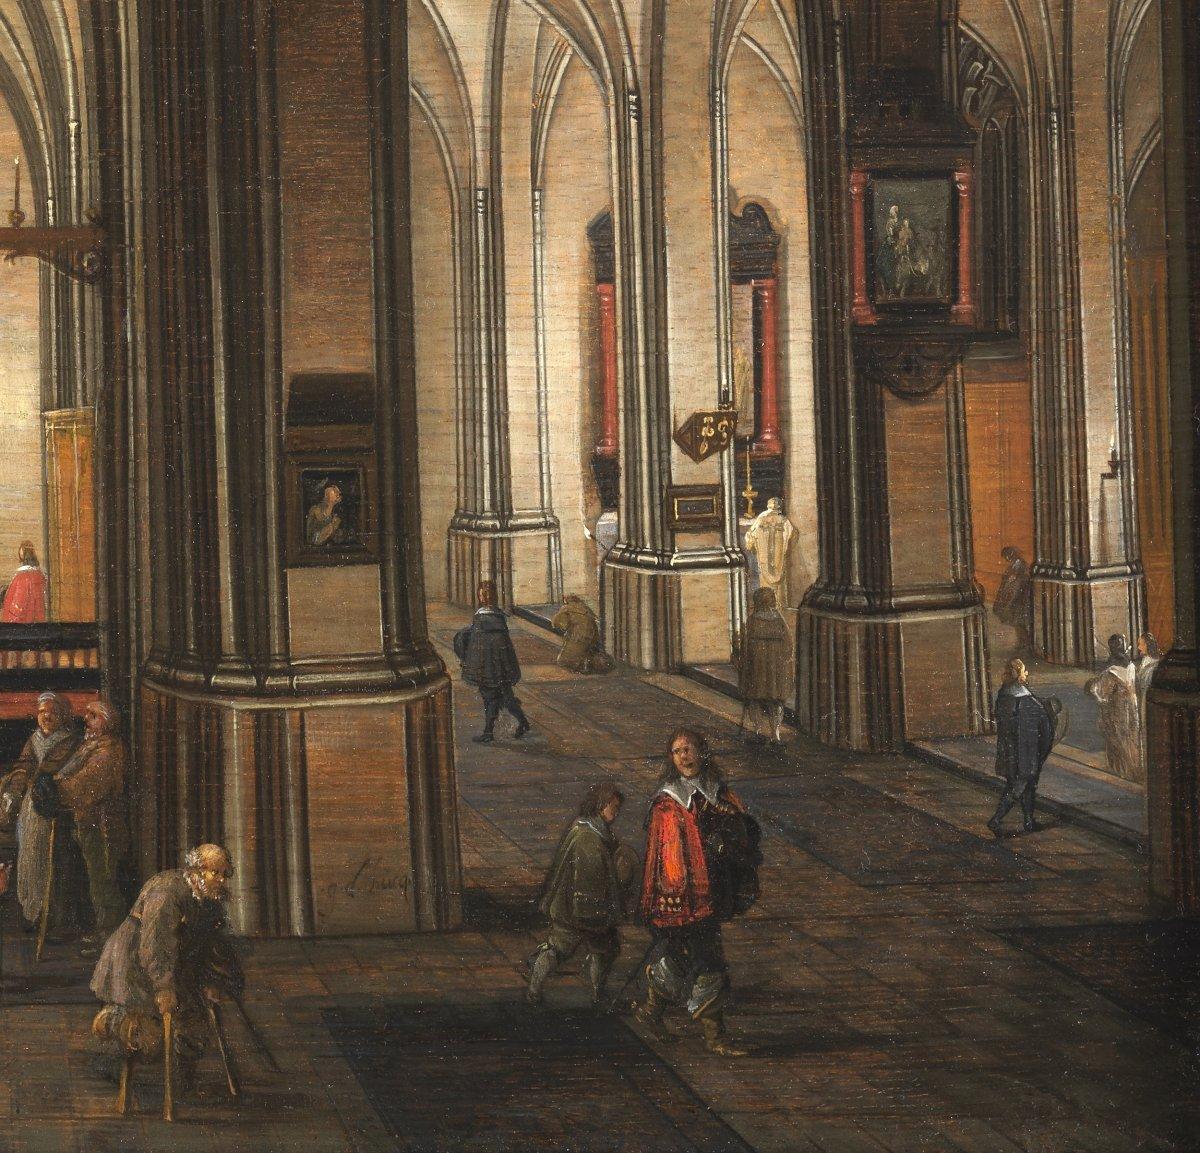 Intérieur d'église nocturne animé – Gerrit de Bucq (1576 – 1638)